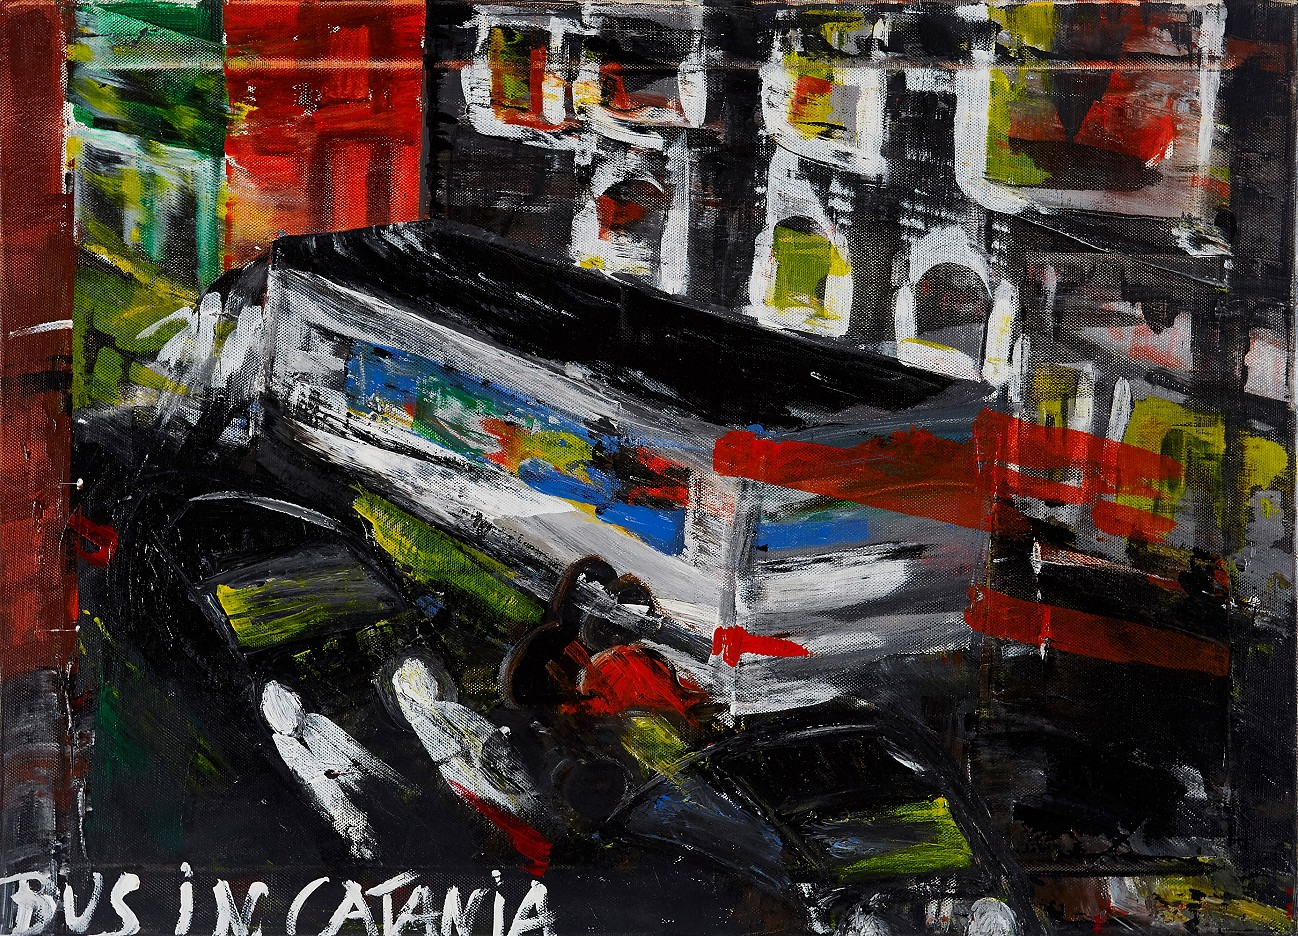 Bus in Catania